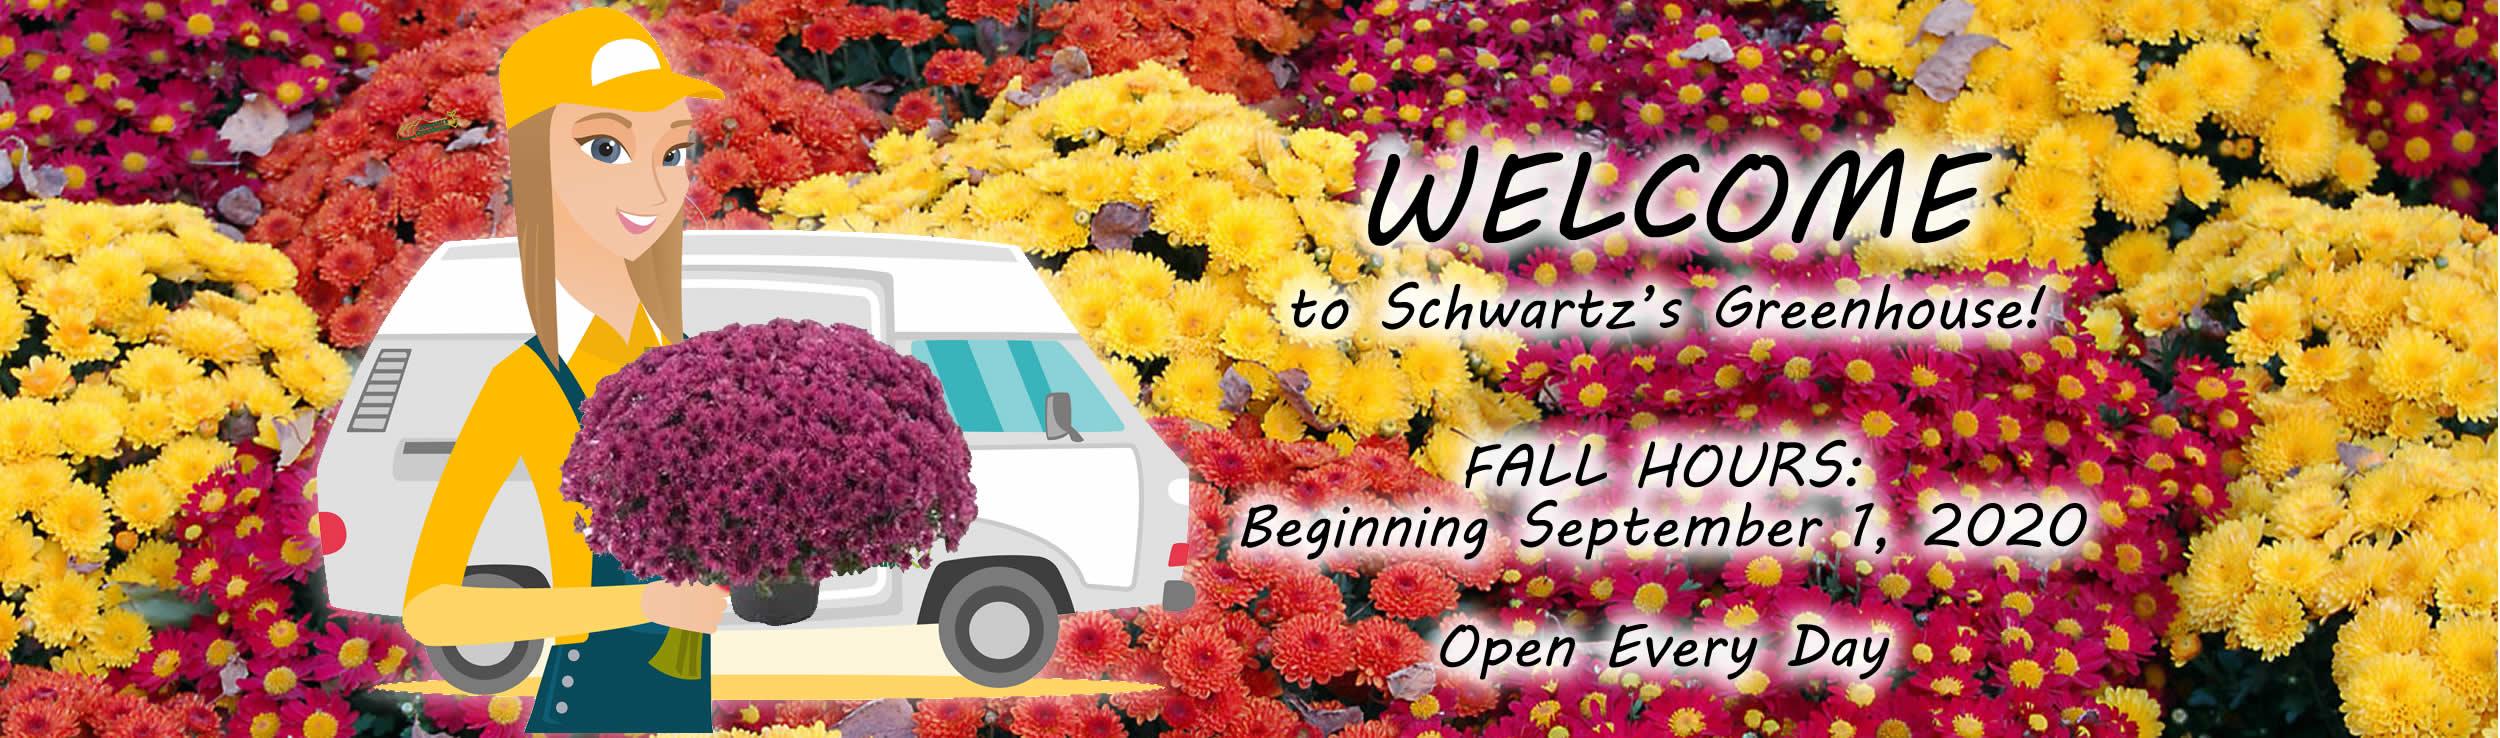 Schwartz Greenhouse & Garden Center fall